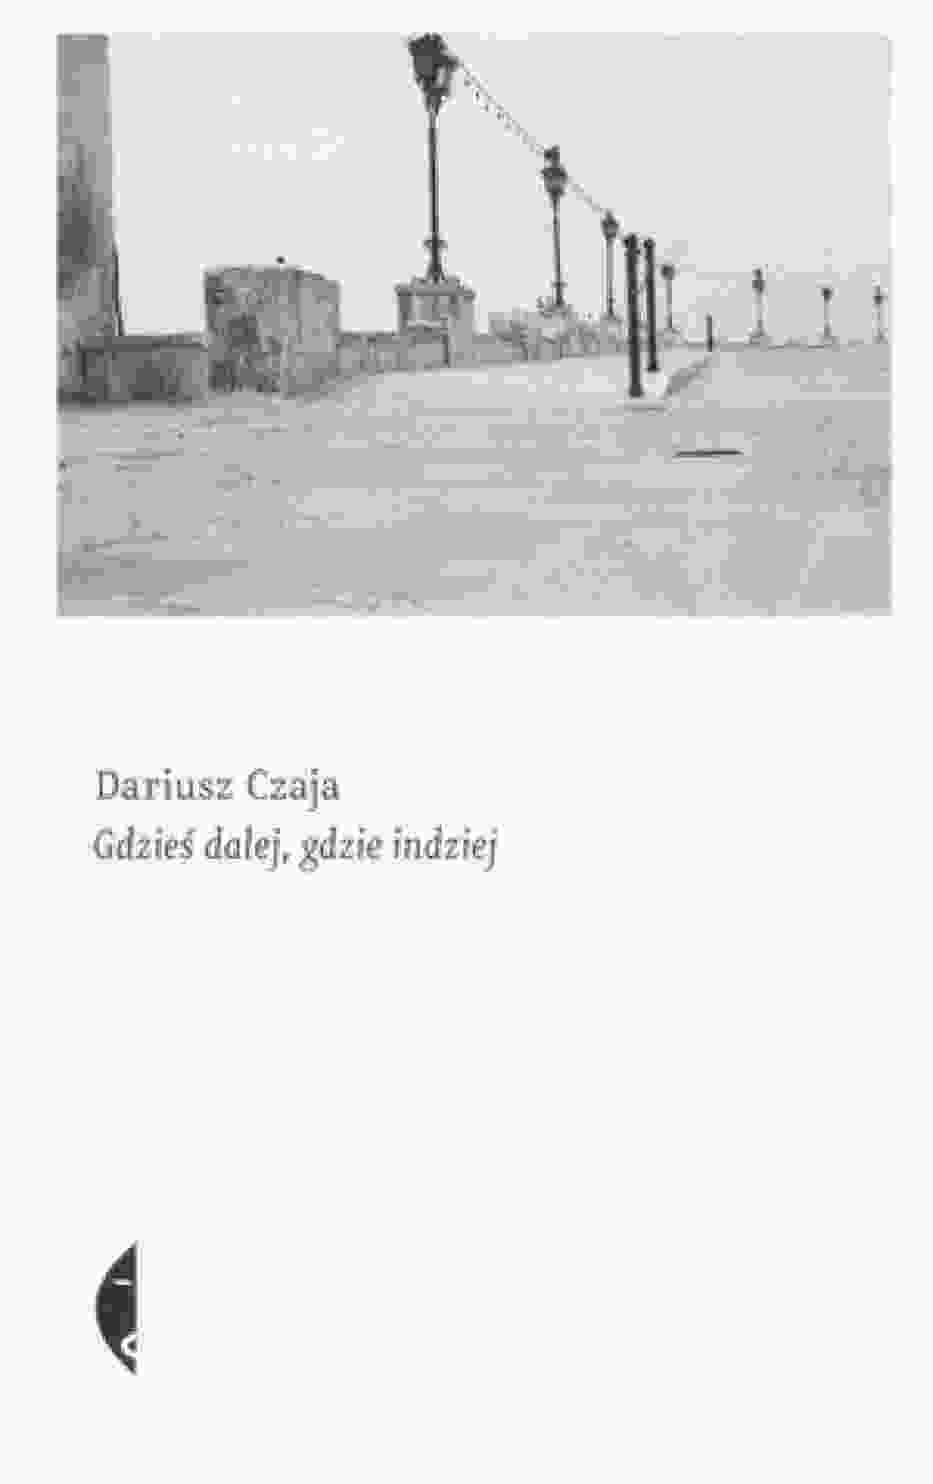 Zdjęcie zamieszczone na okładce wykonał Dariusz Czaja w Ostuni